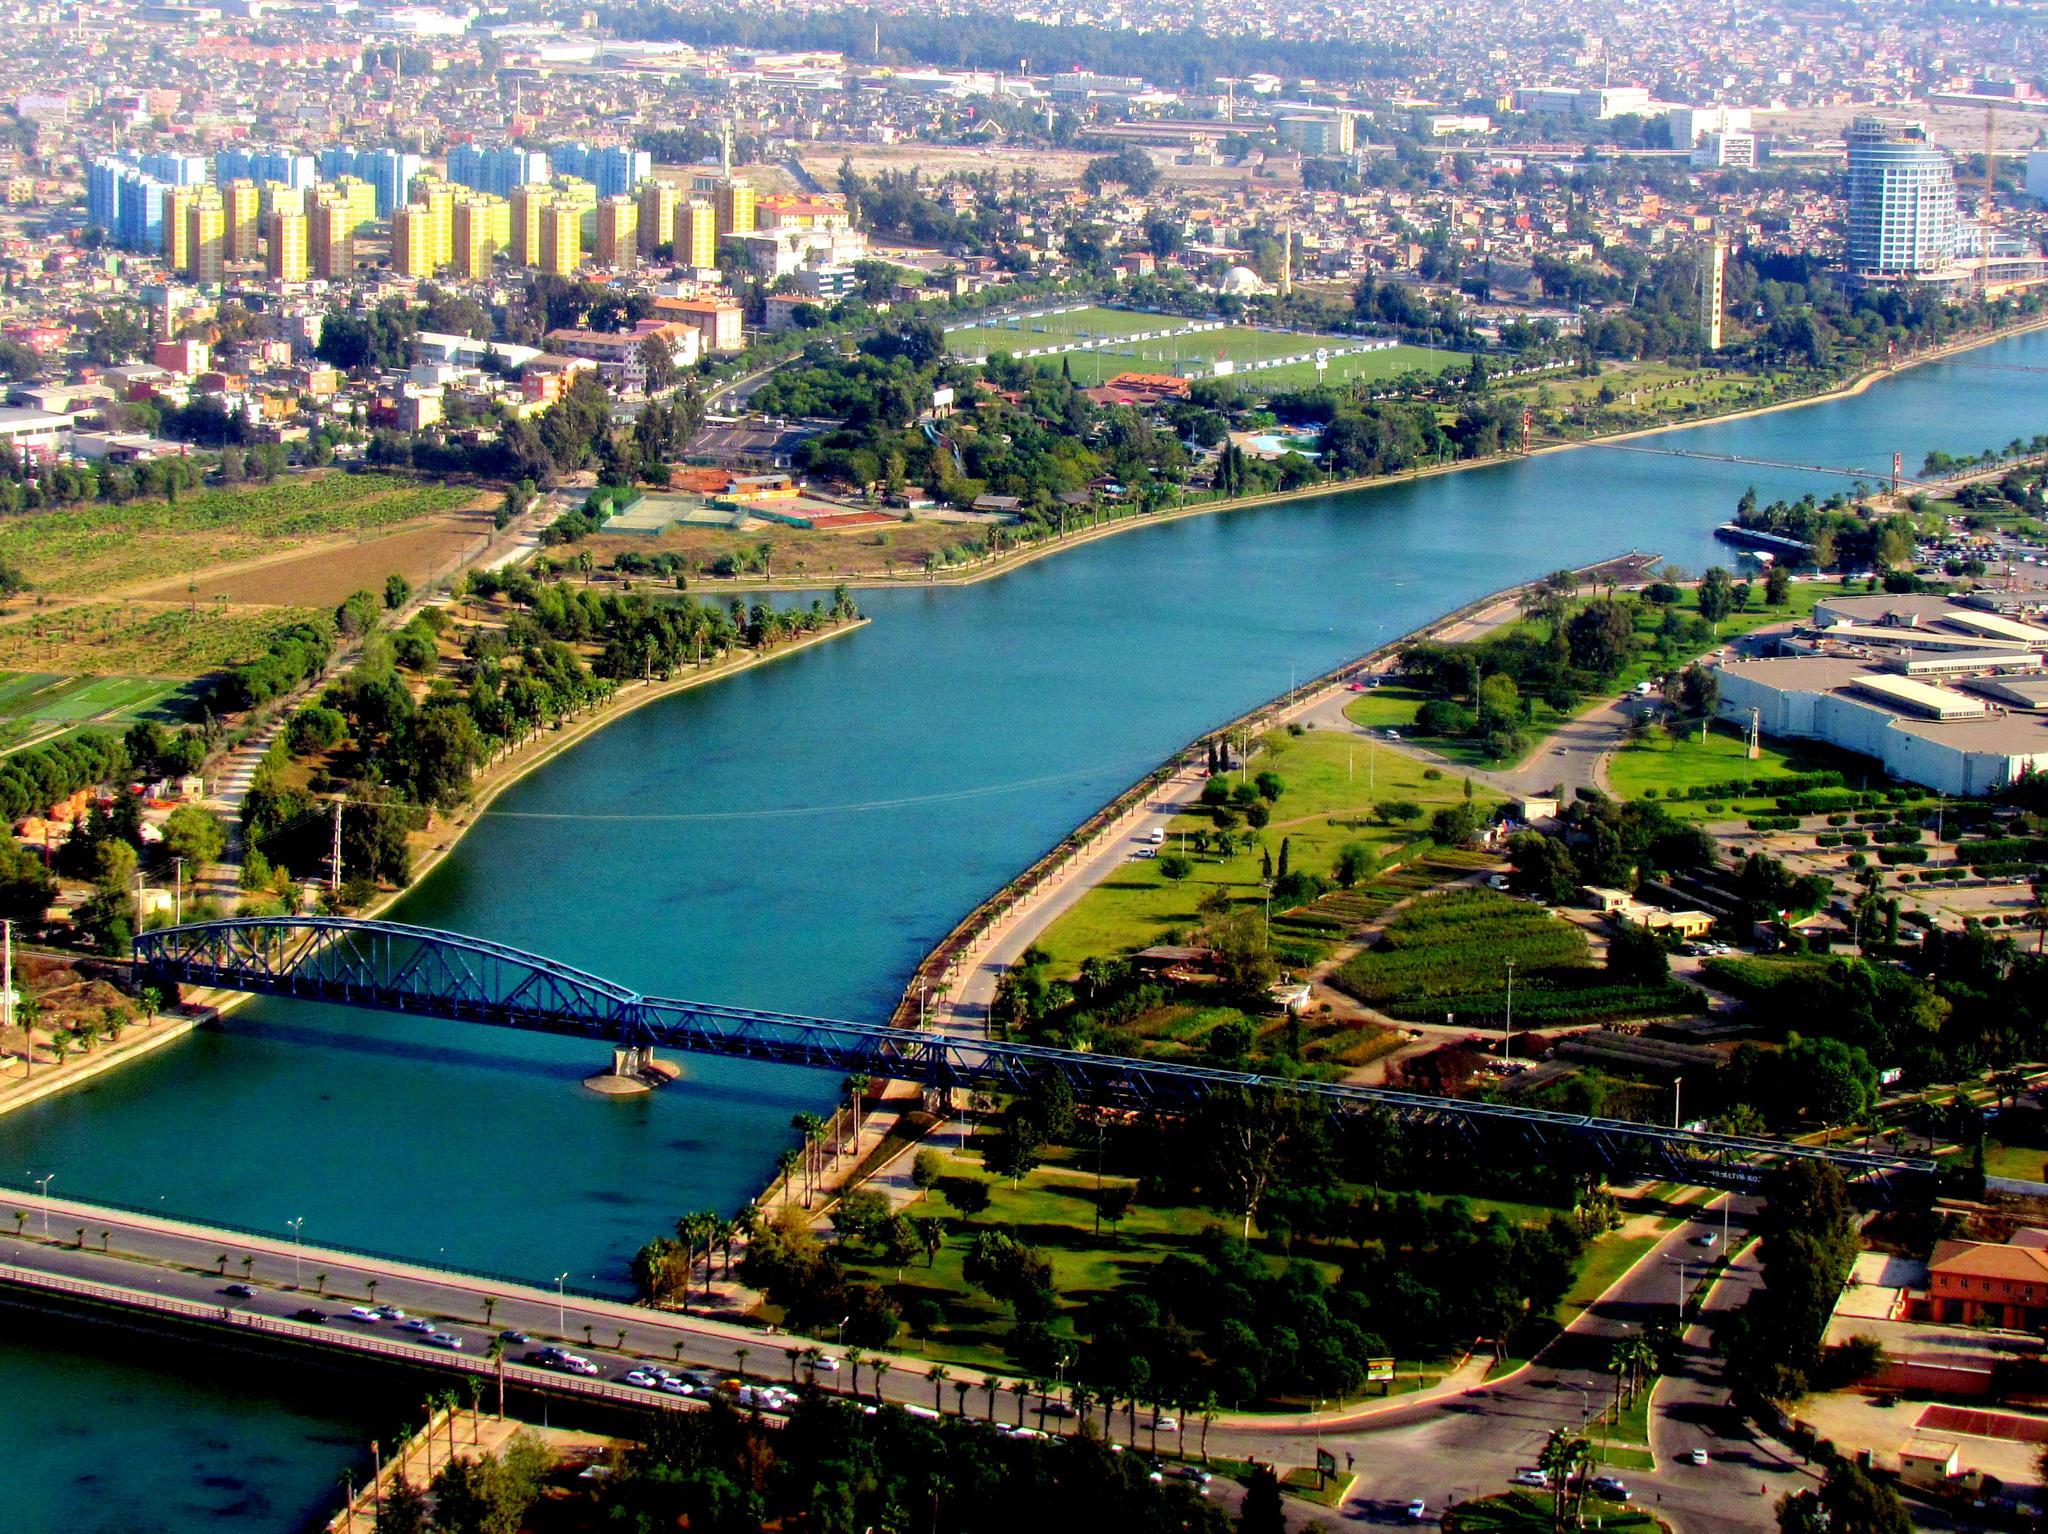 Landscape a section from Adana by Bedirhan Küpeli